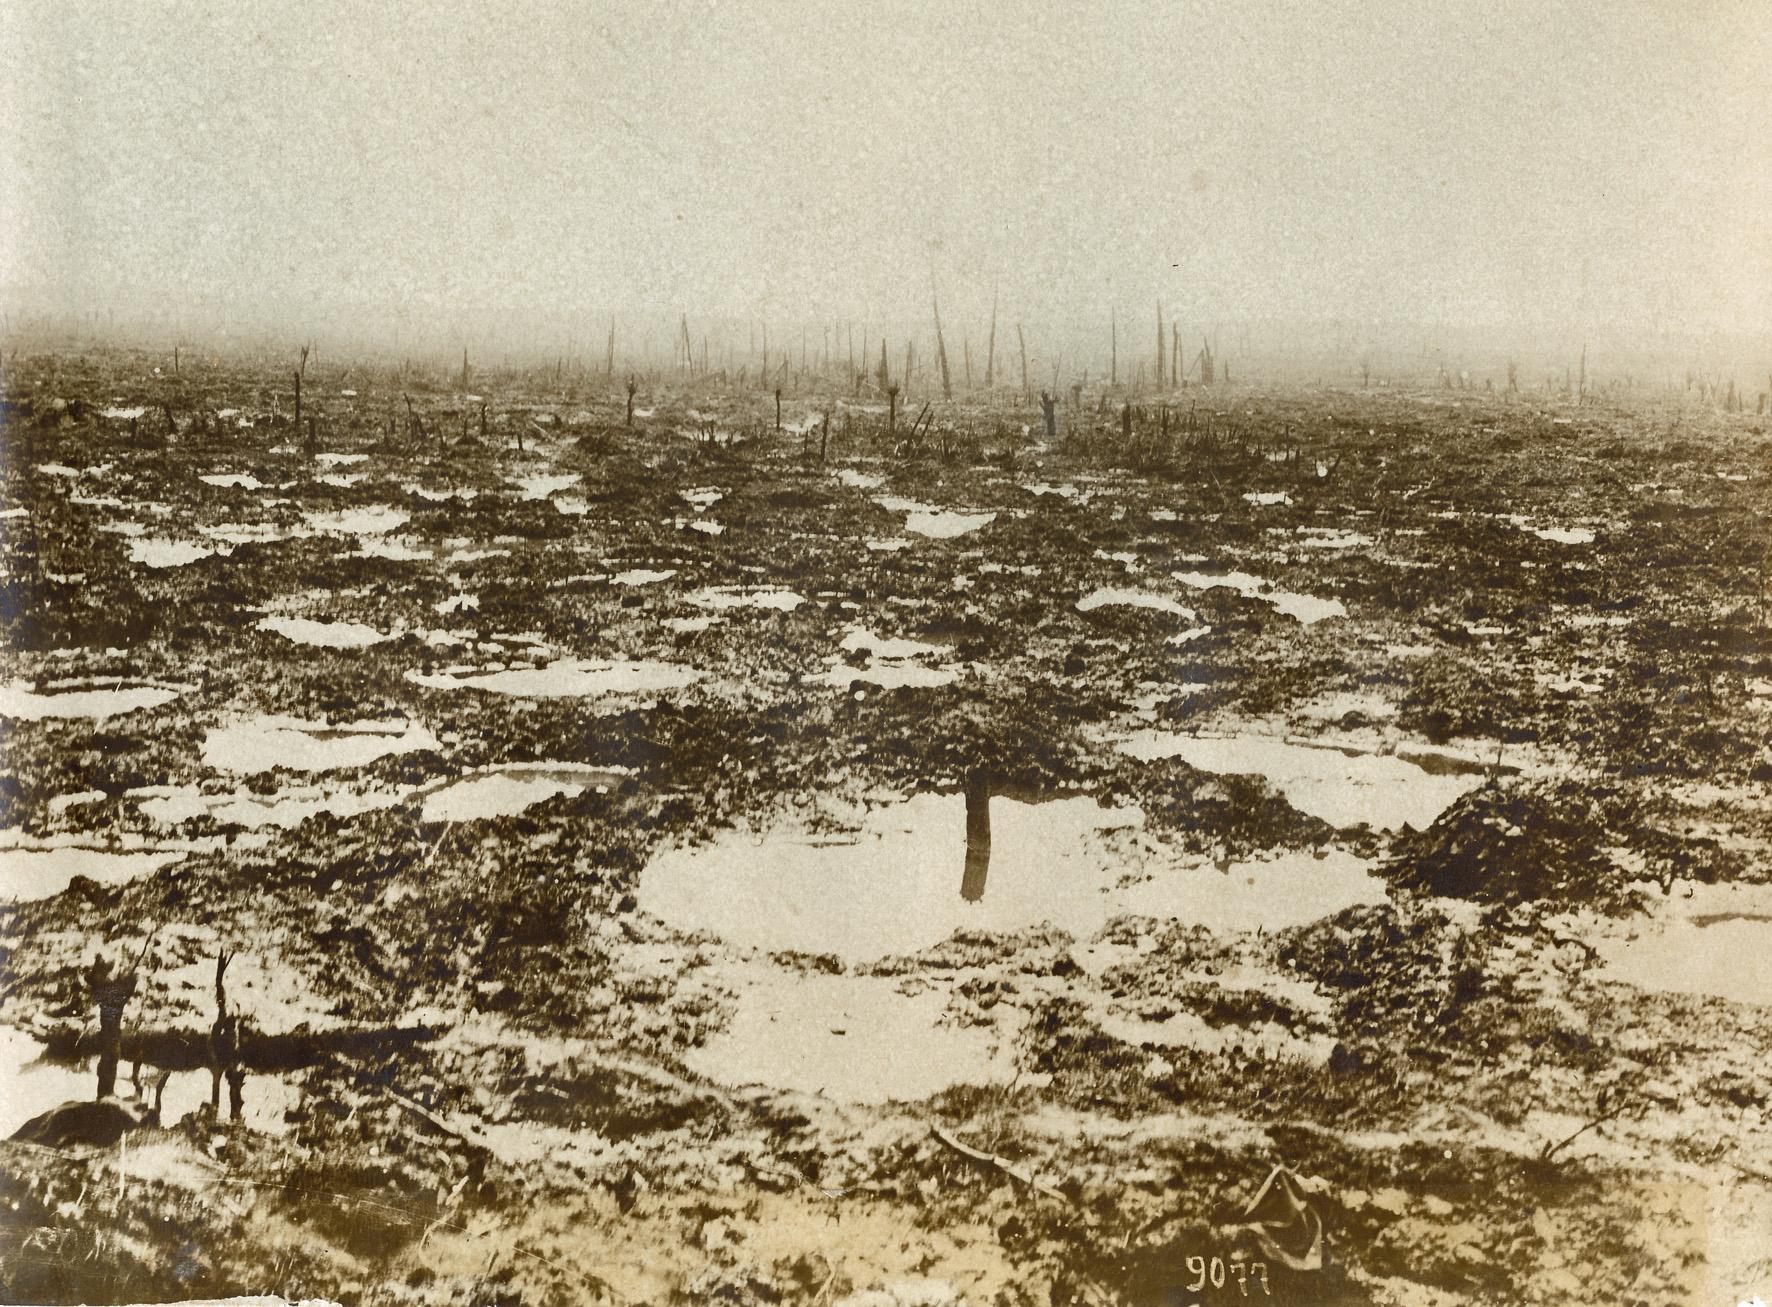 18. august 1917. Tre dage såret i ingenmandsland